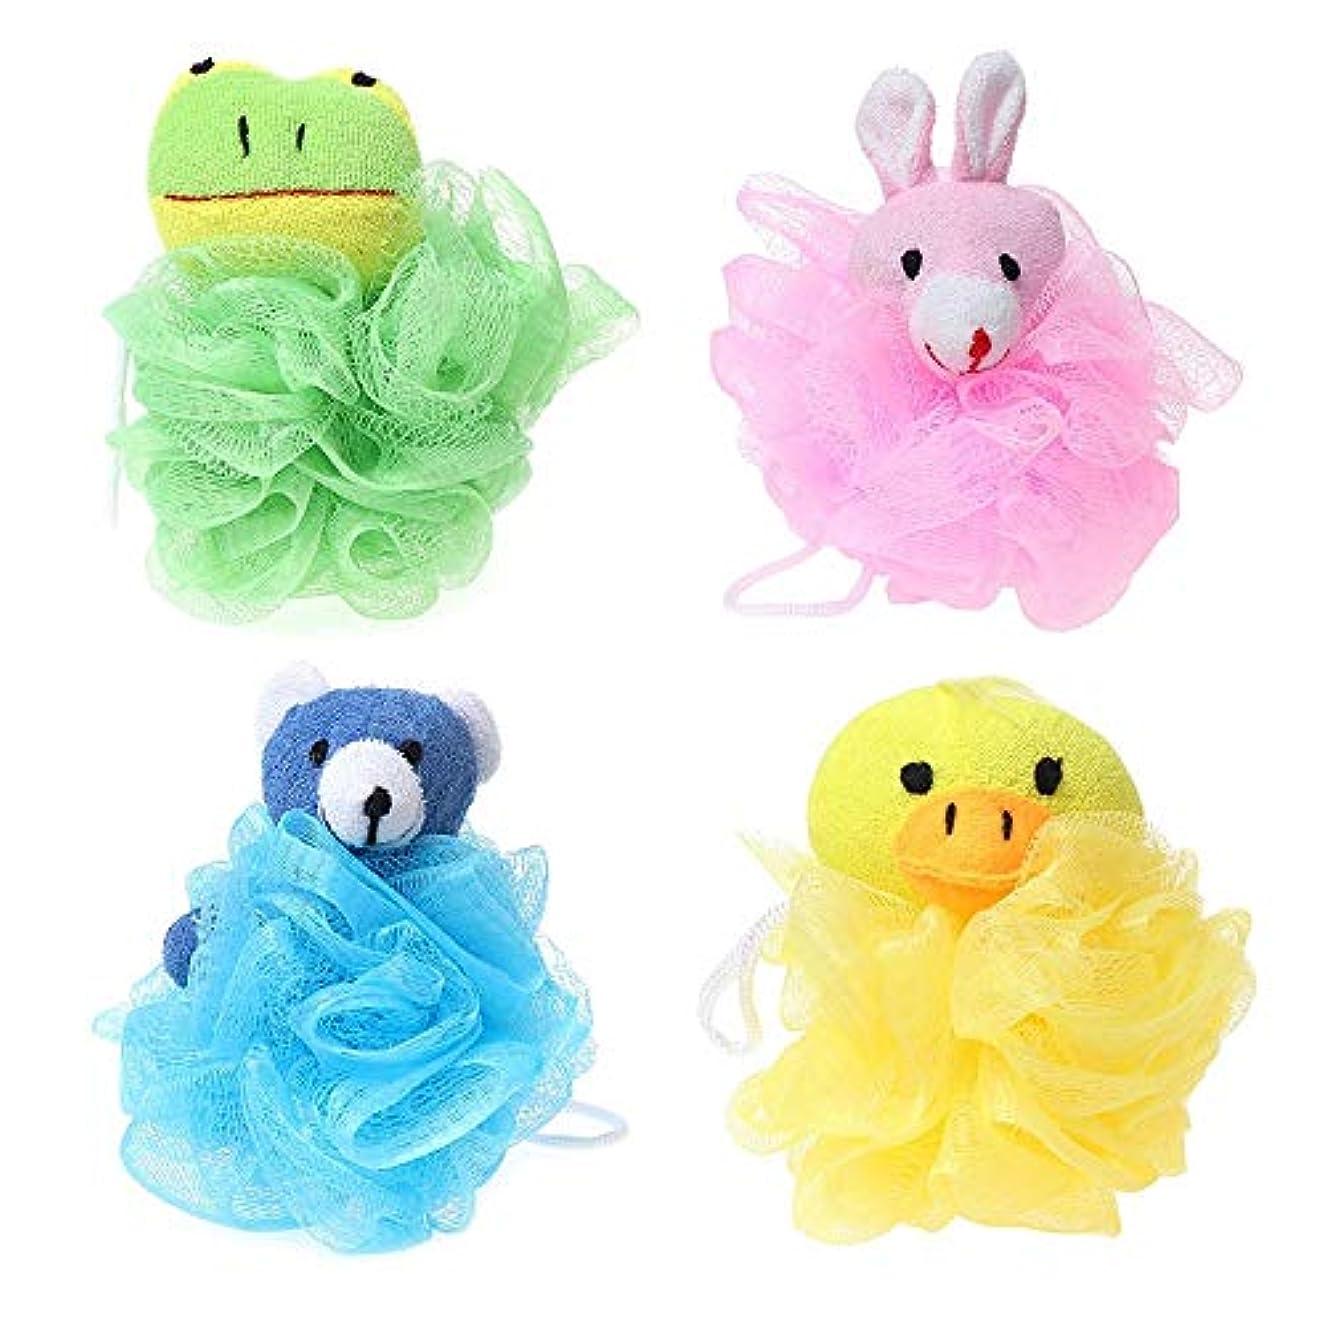 スナック不毛のプレビスサイトTOOGOO 子供用おもちゃクッションパフメッシュぬいぐるみ付き(4パック)カエル、アヒル、ウサギ、クマ